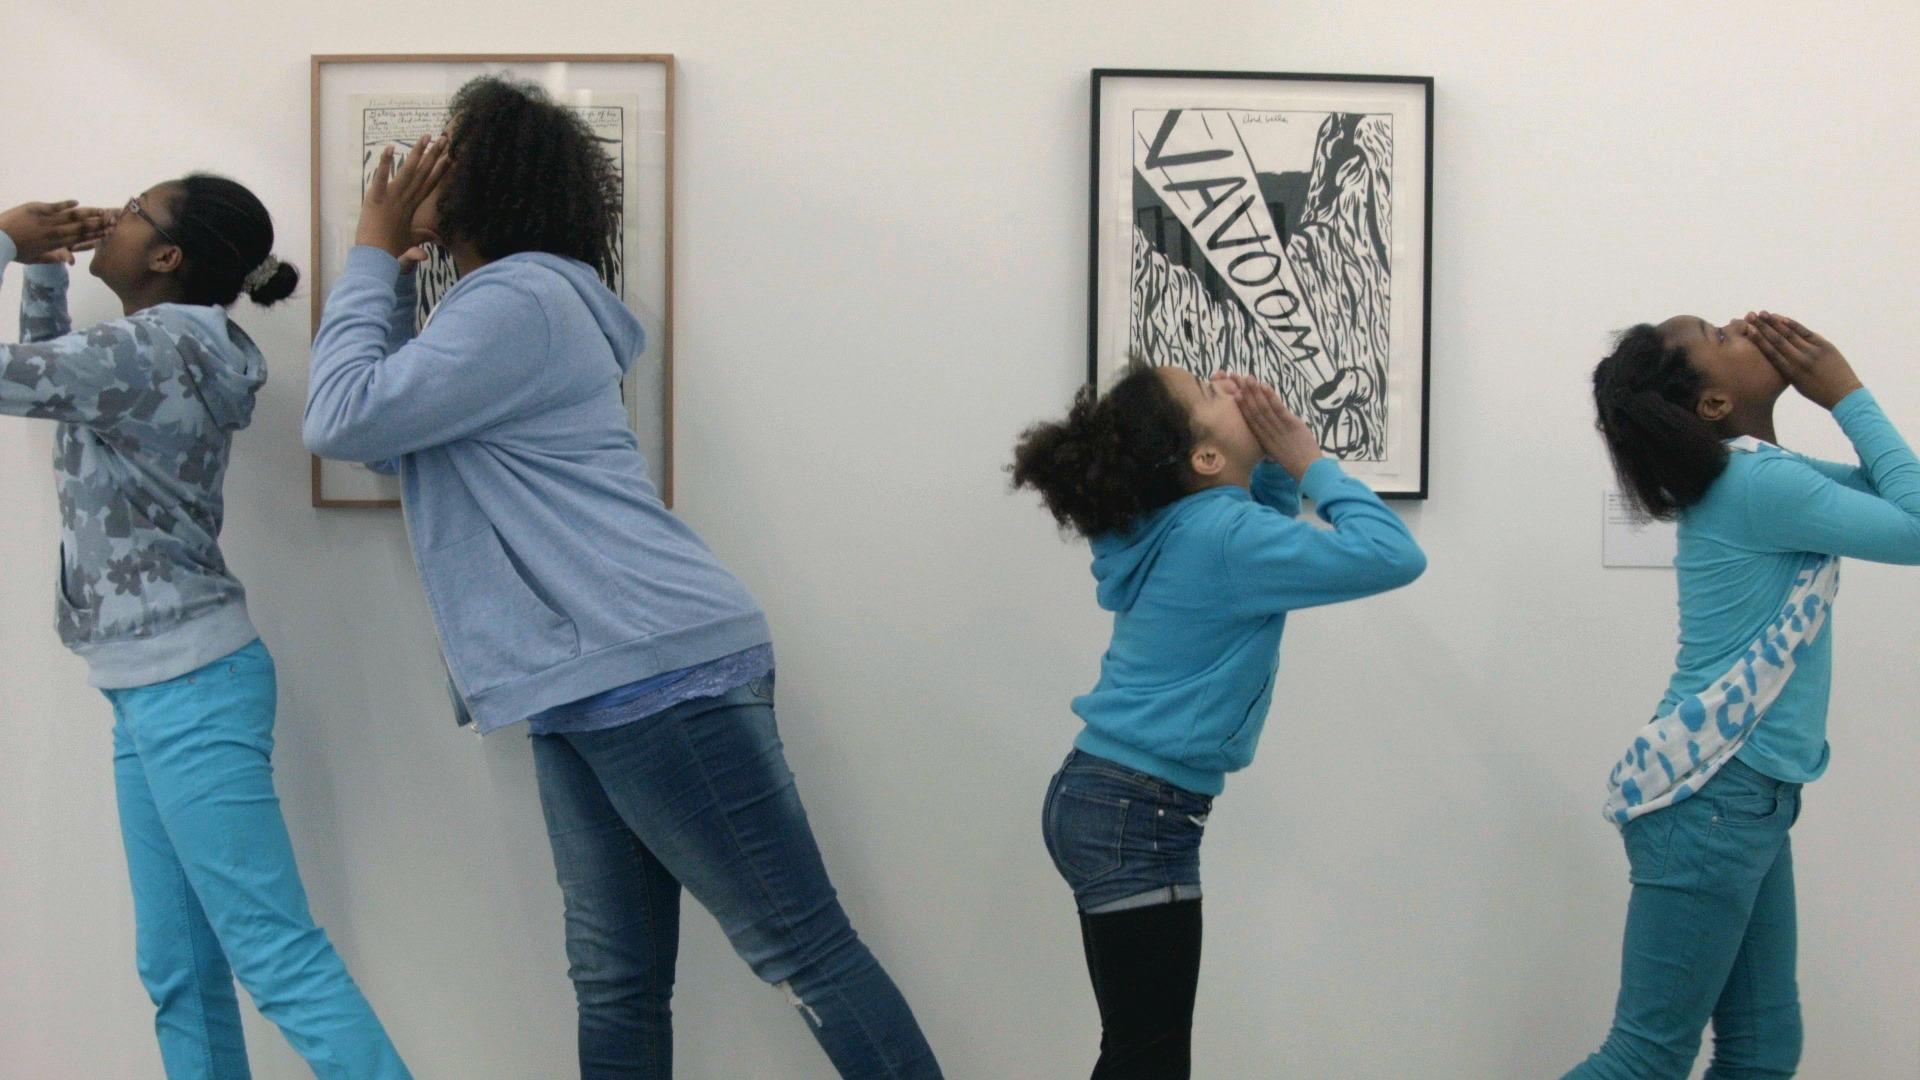 Vier Mädchen führen spontan einen darstellenden Tanz vor Gemälden von Raymond Pettibon in der Sammlung Falckenberg auf.